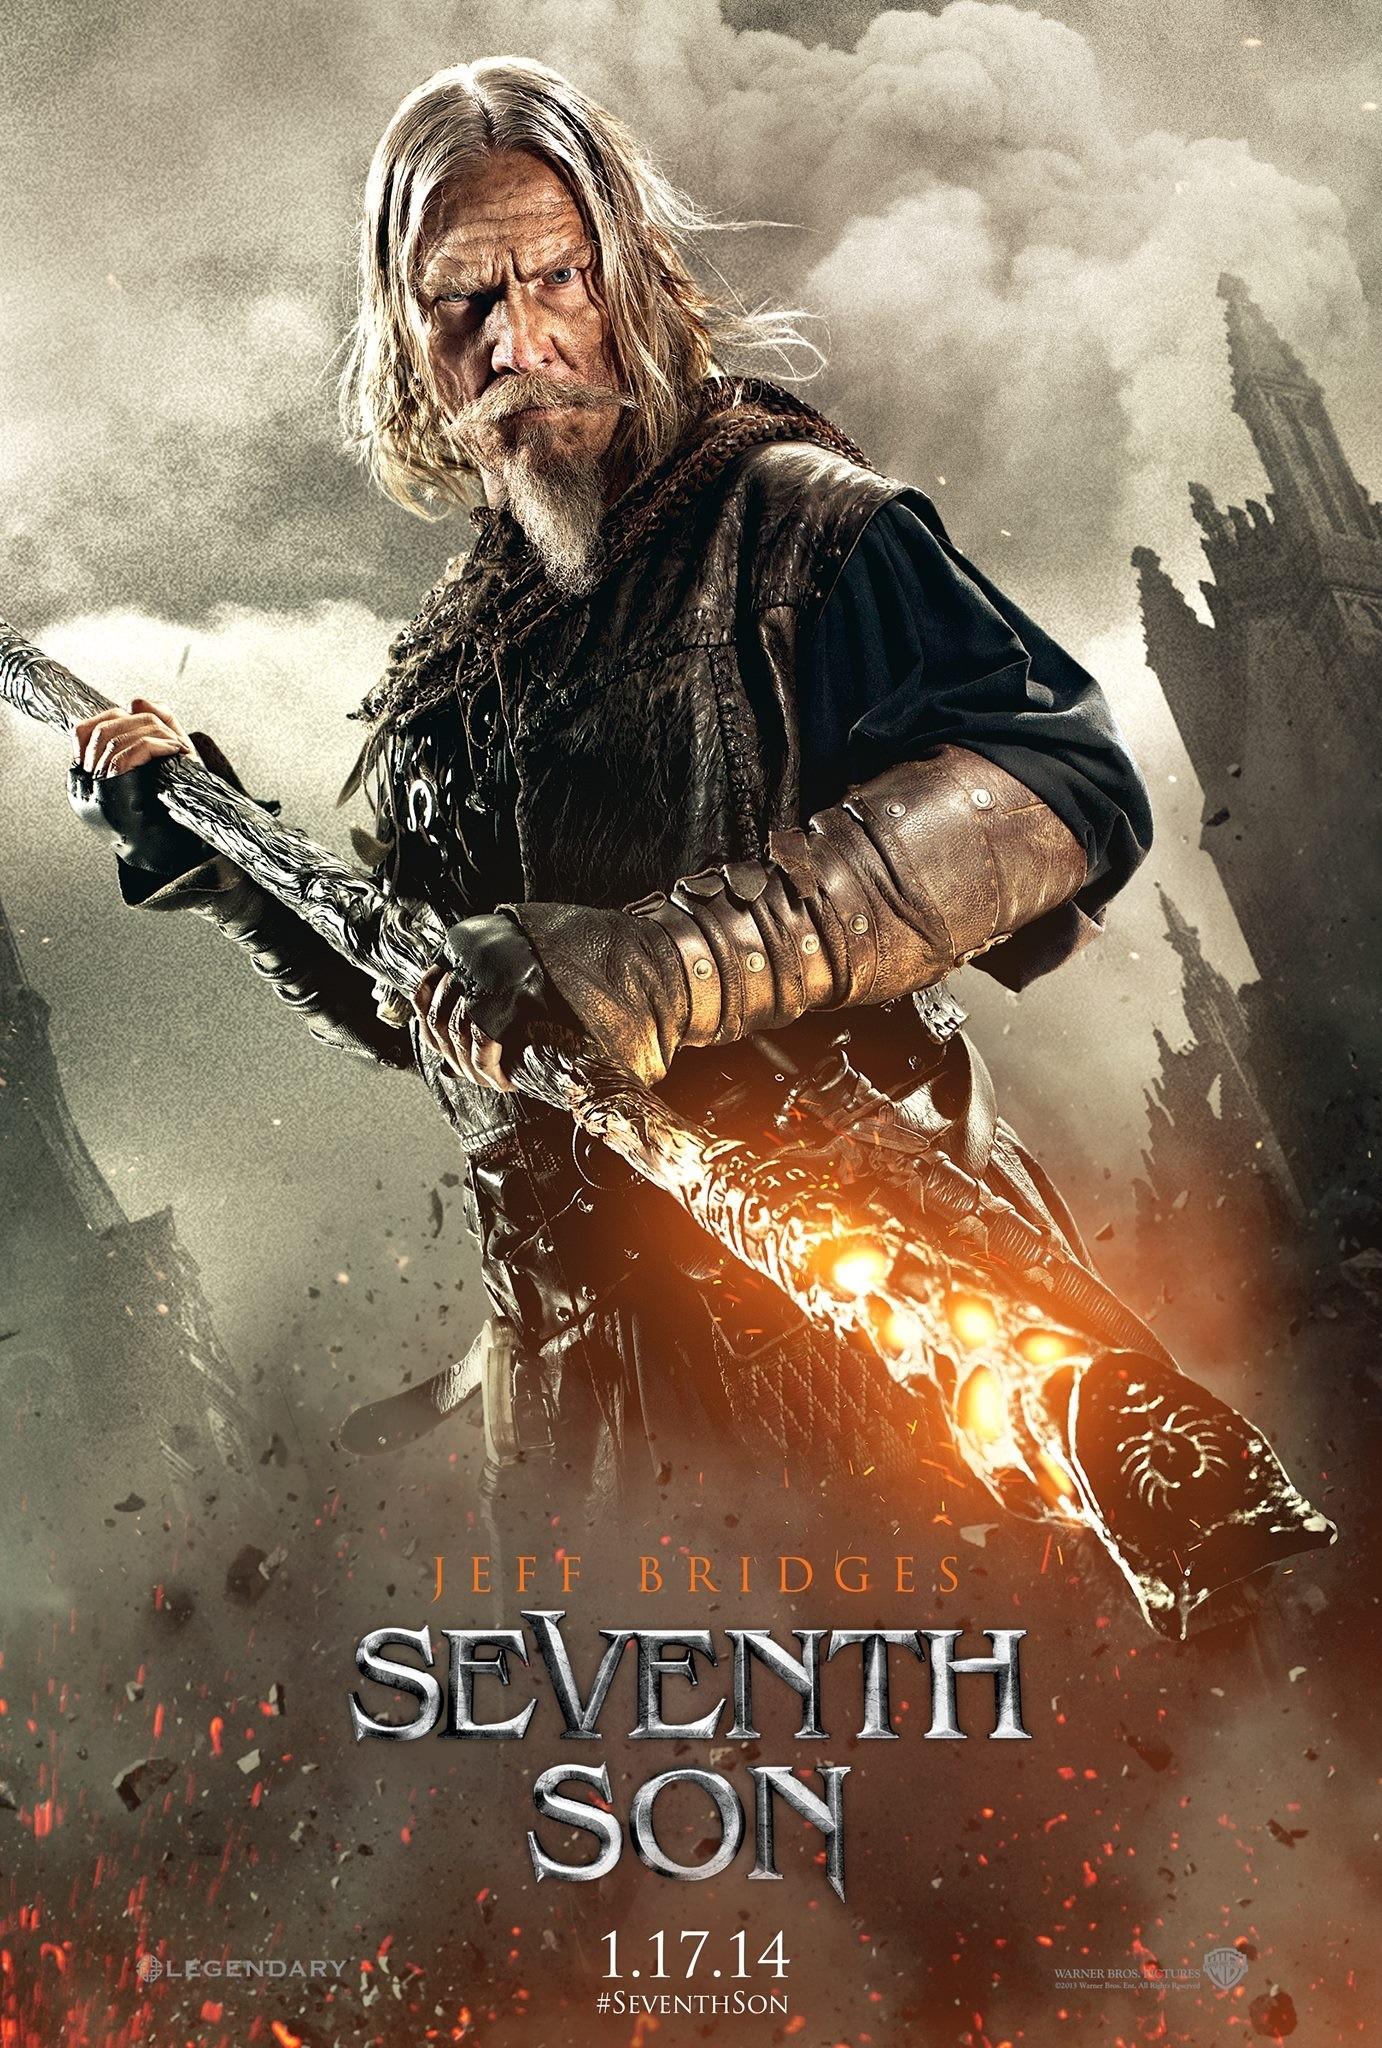 دانلود رايگان فيلم Seventh Son 2014 + دانلود فیلم Seventh Son 2014 + دانلود فیلم Seventh Son 2014 با زیرنویس فارسی + دانلود فیلم Seventh Son 2014 با لینک مستقیم